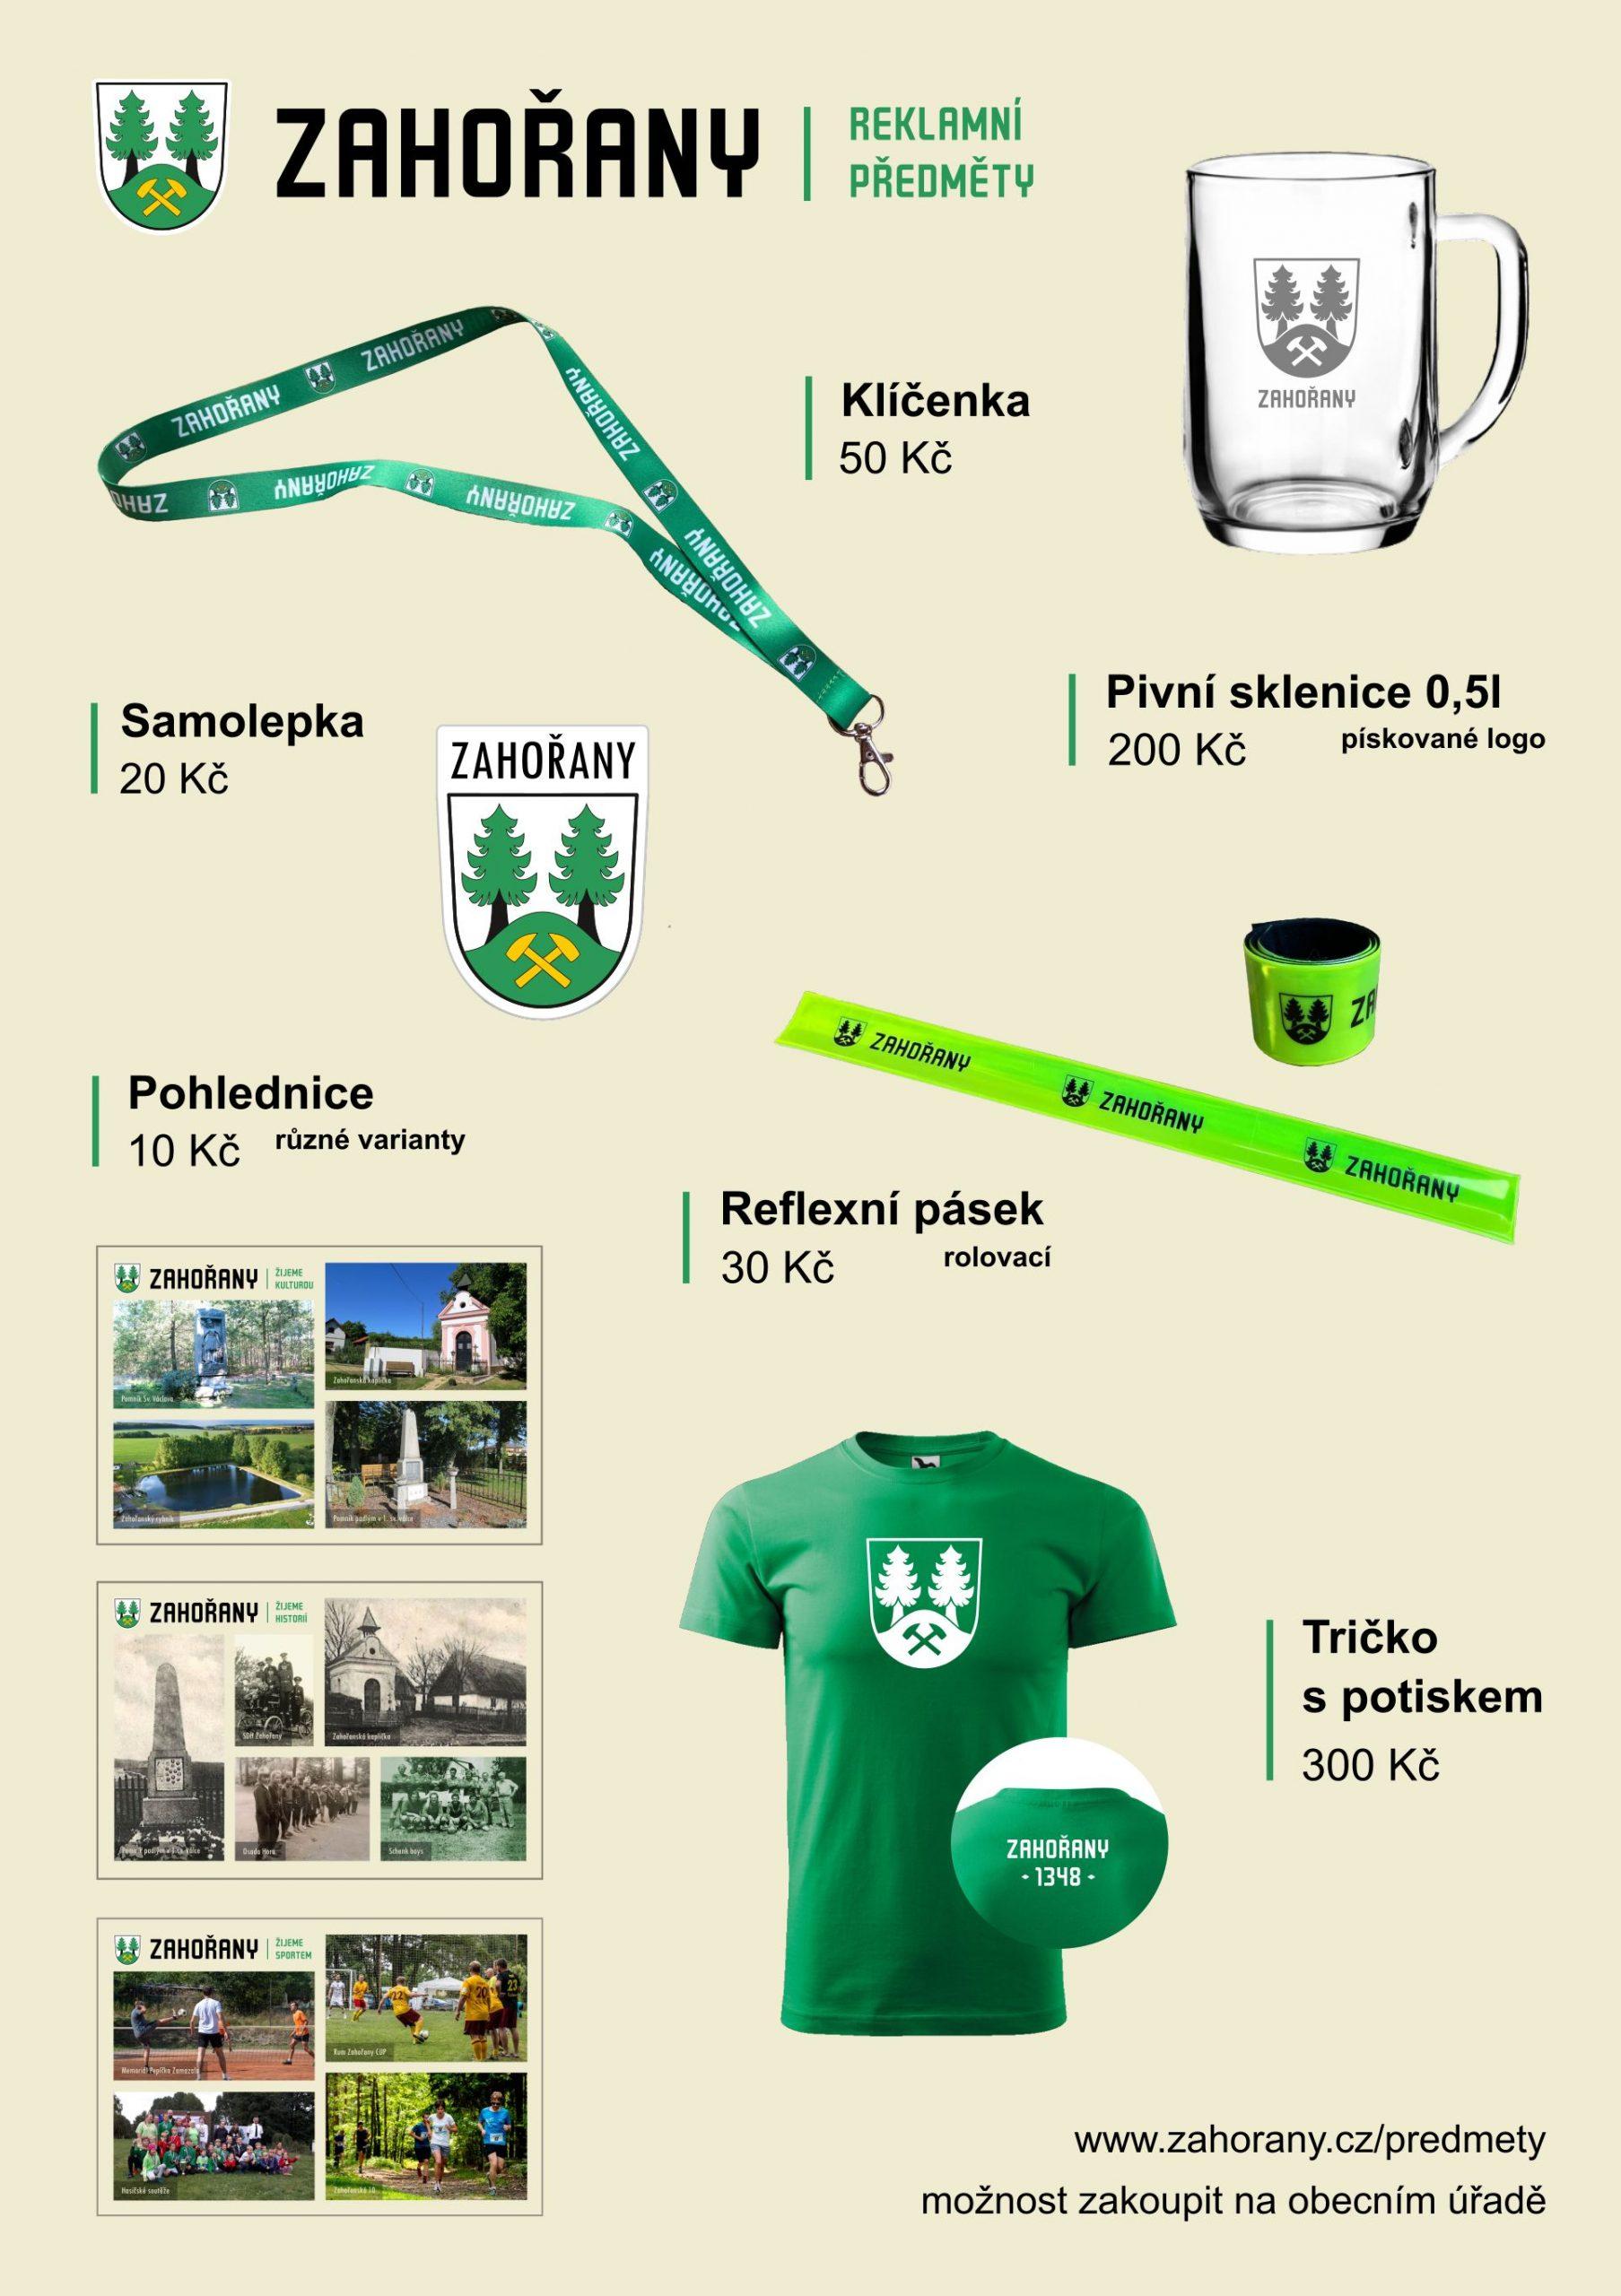 Reklami_predmety_Zaho